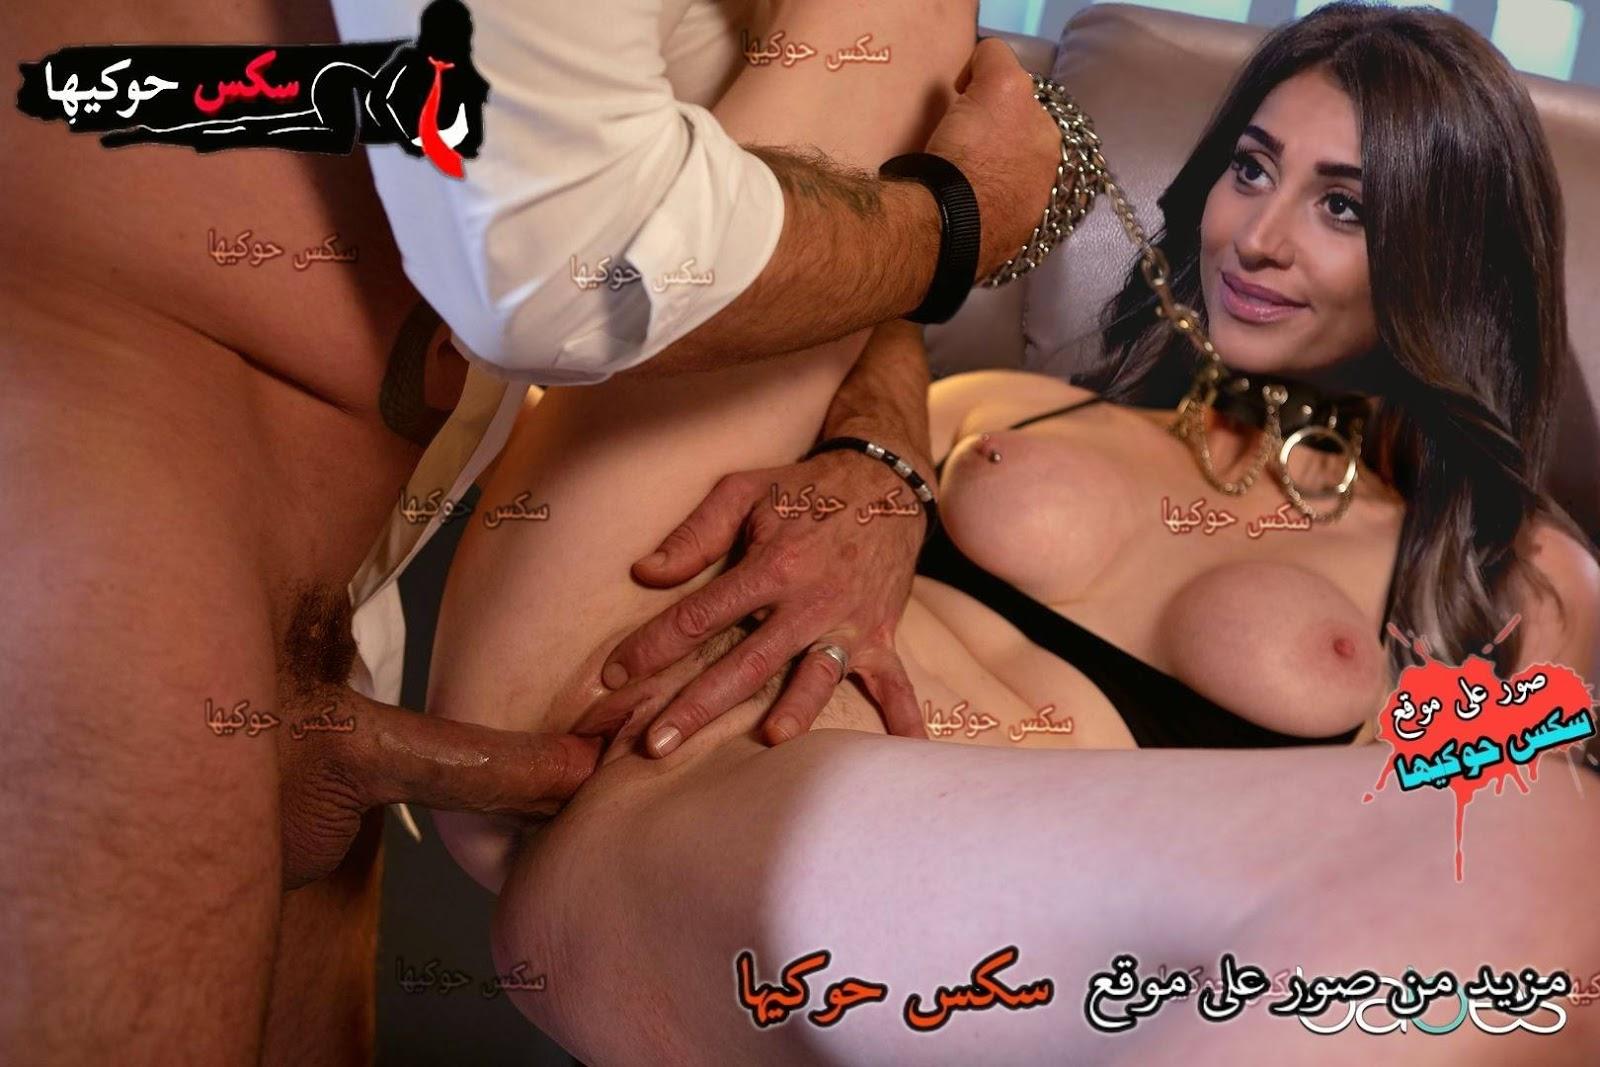 سكس دينا الشربيني عارية الصدر فضيحة فنانة دينا الشربيني شبه عارية ...